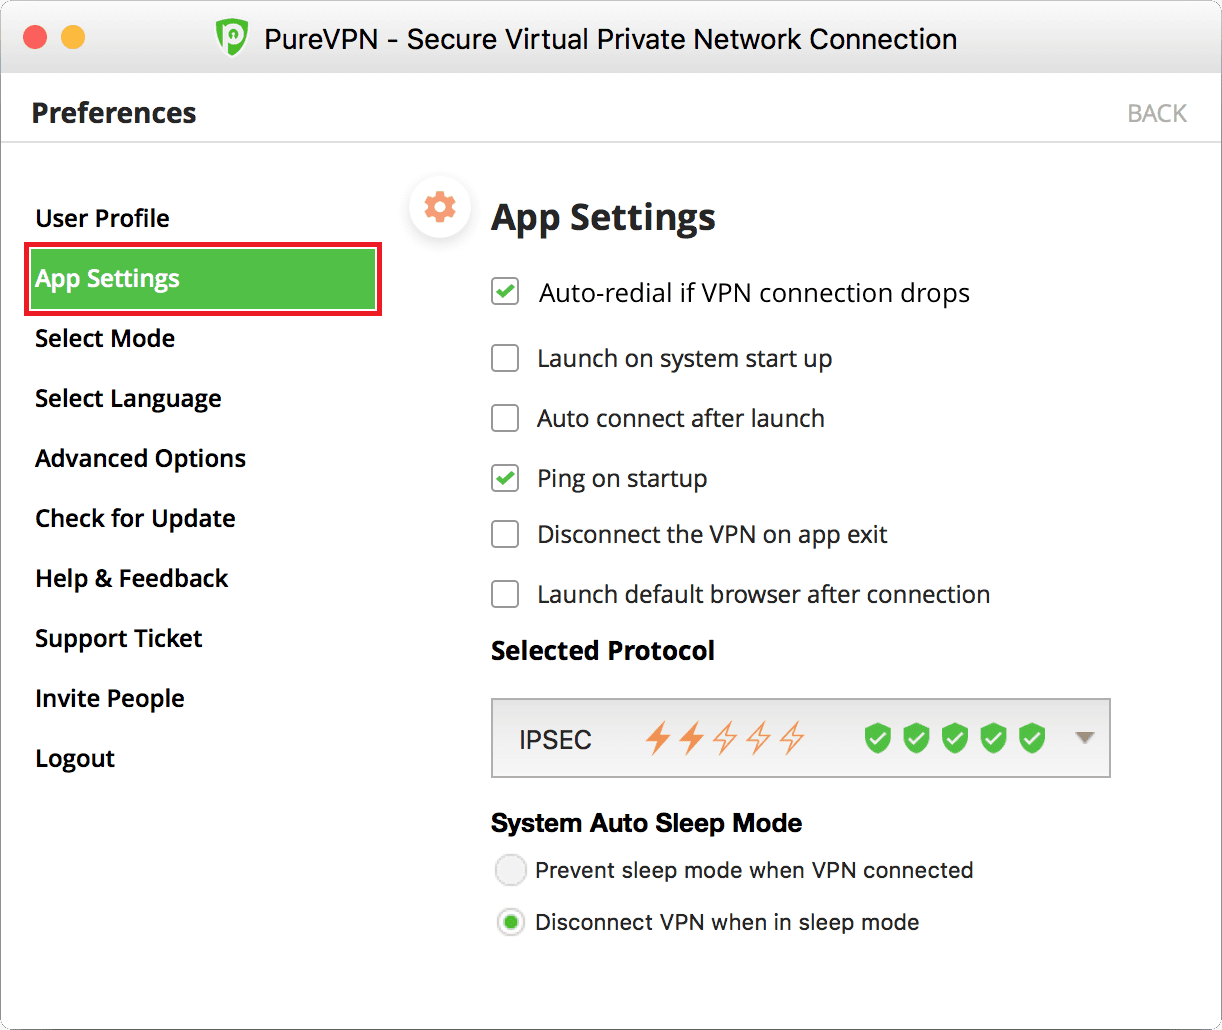 PureVPN Mac App Settings